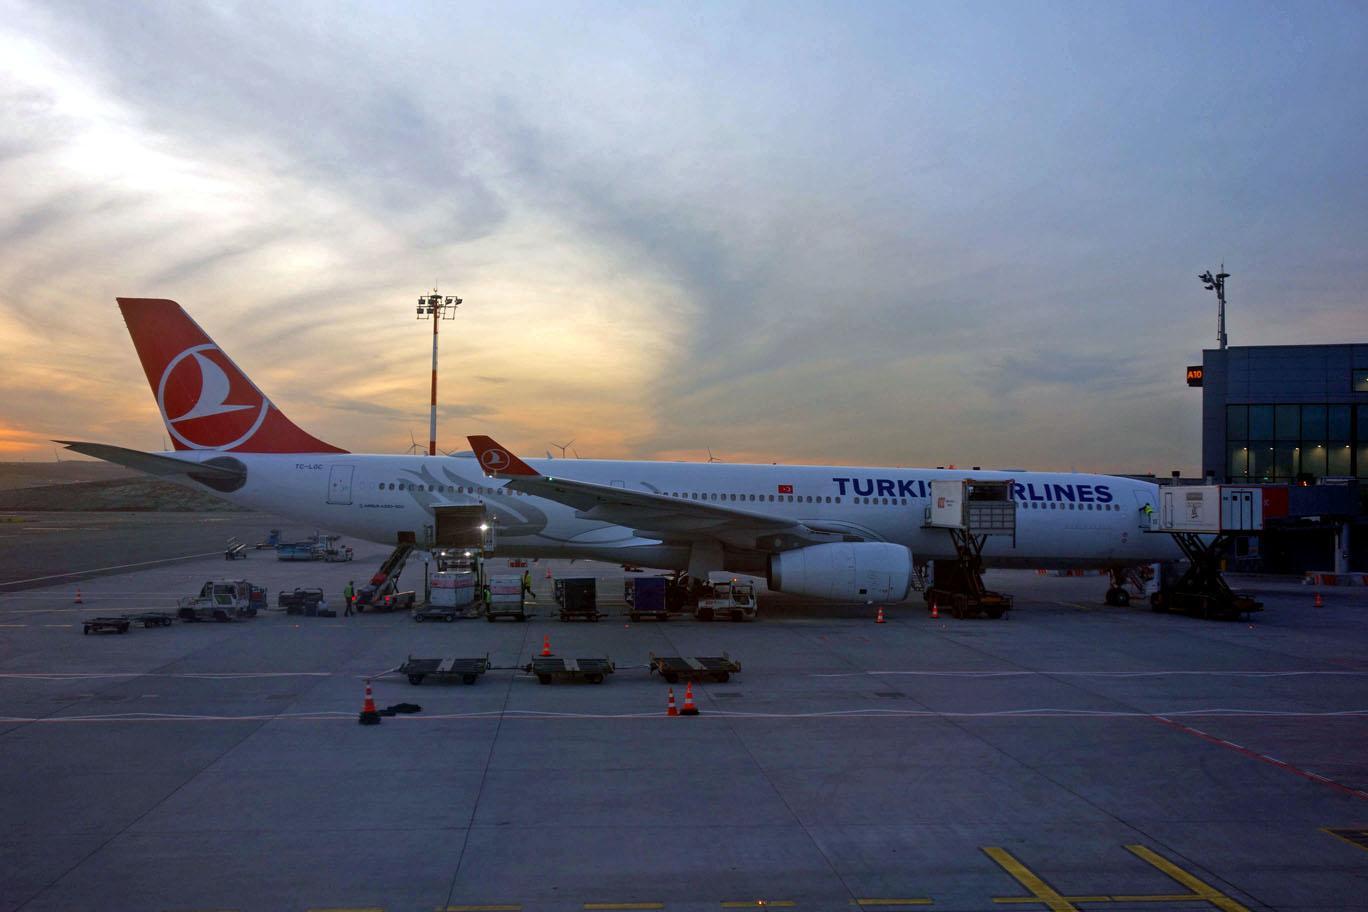 LOL: Turkish Airlines начала использовать А330, принадлежавшие WOW Air